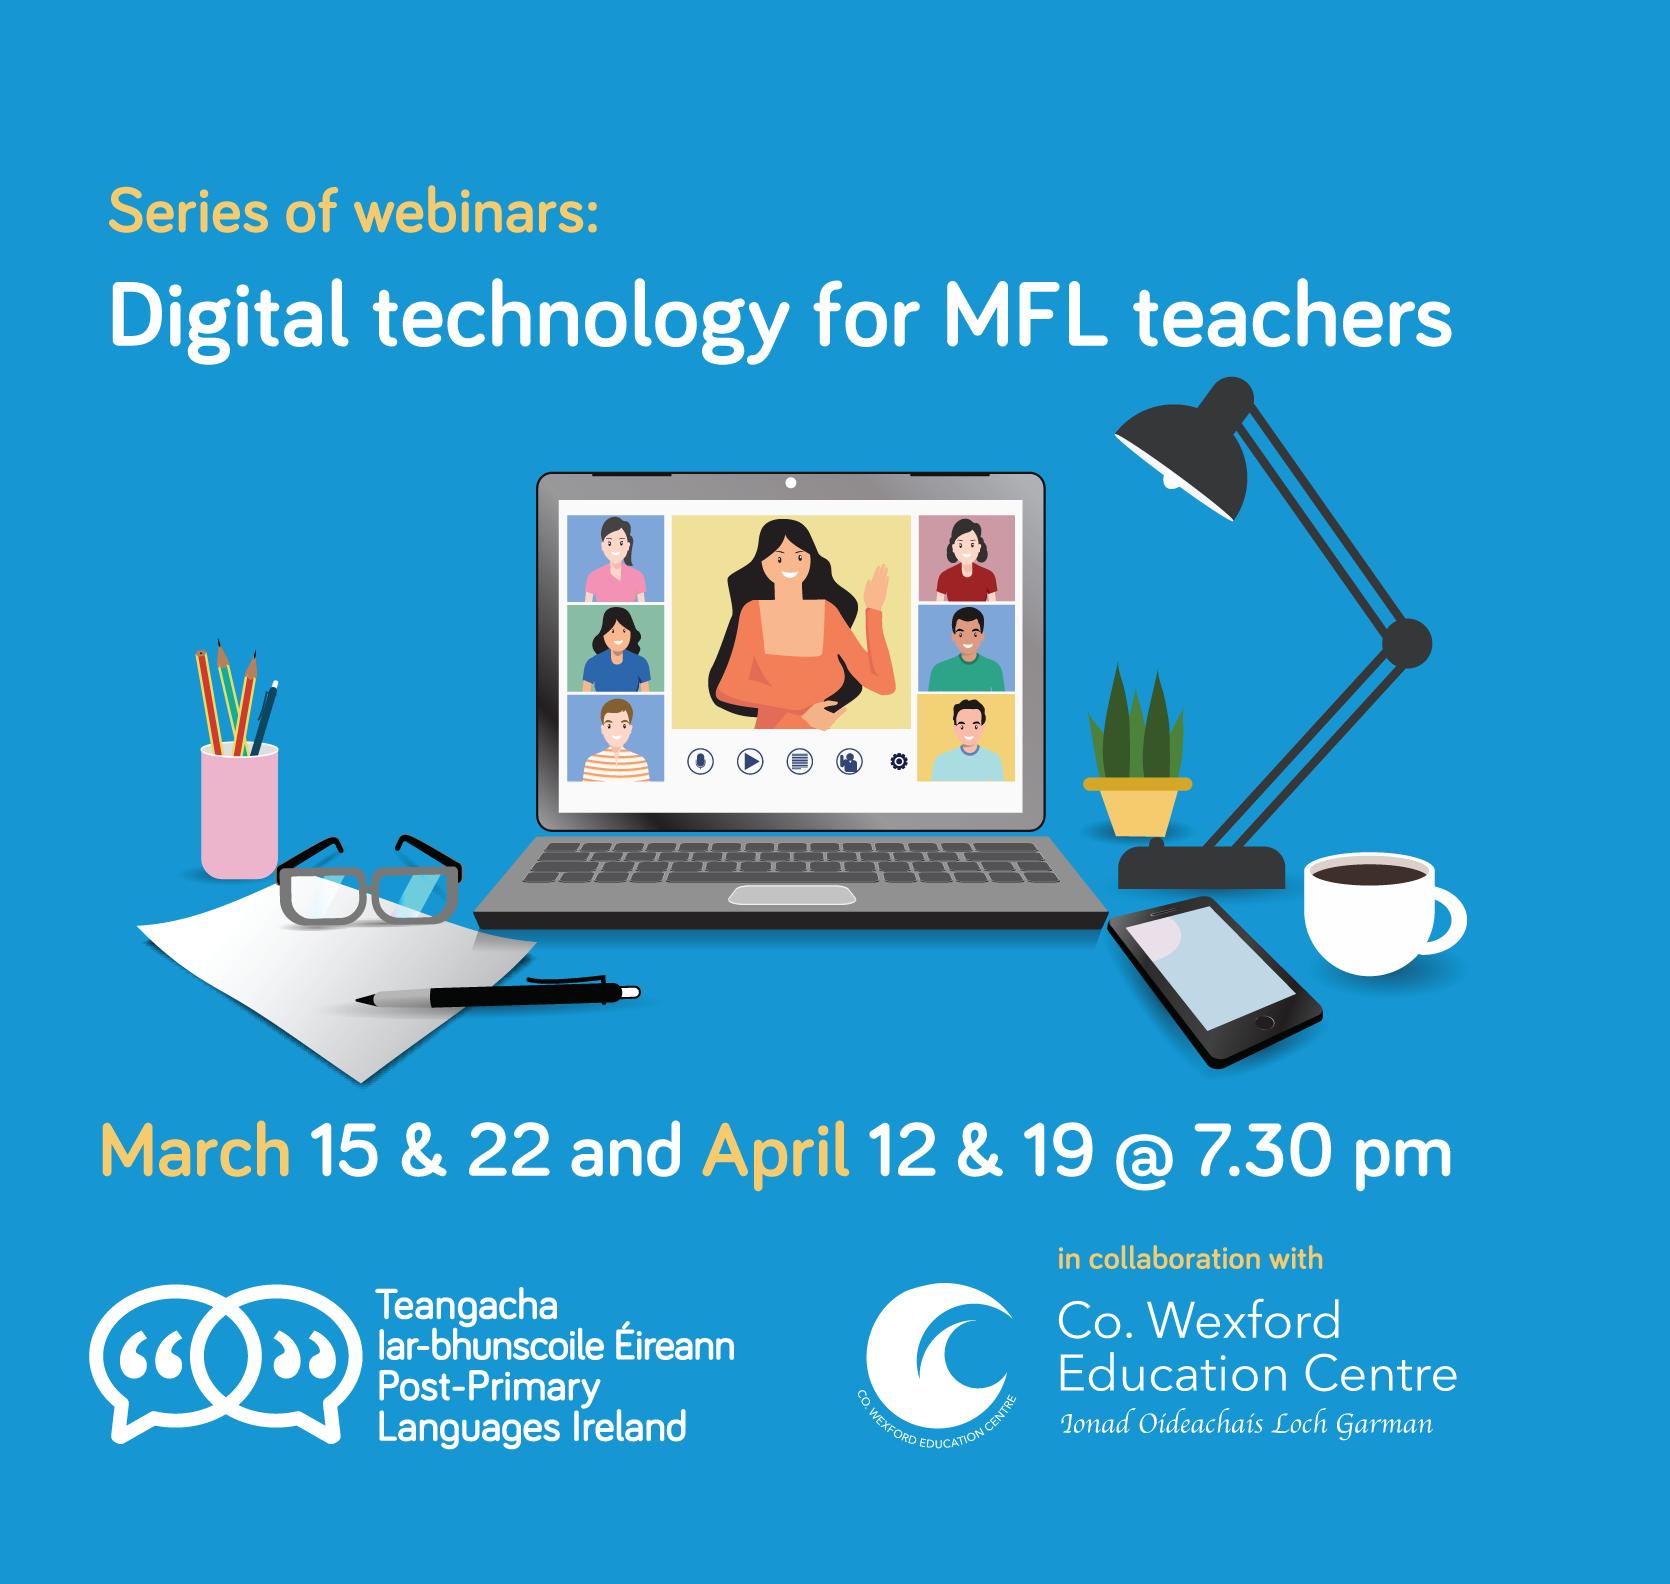 PPLI Digital technology for MFL teachers image